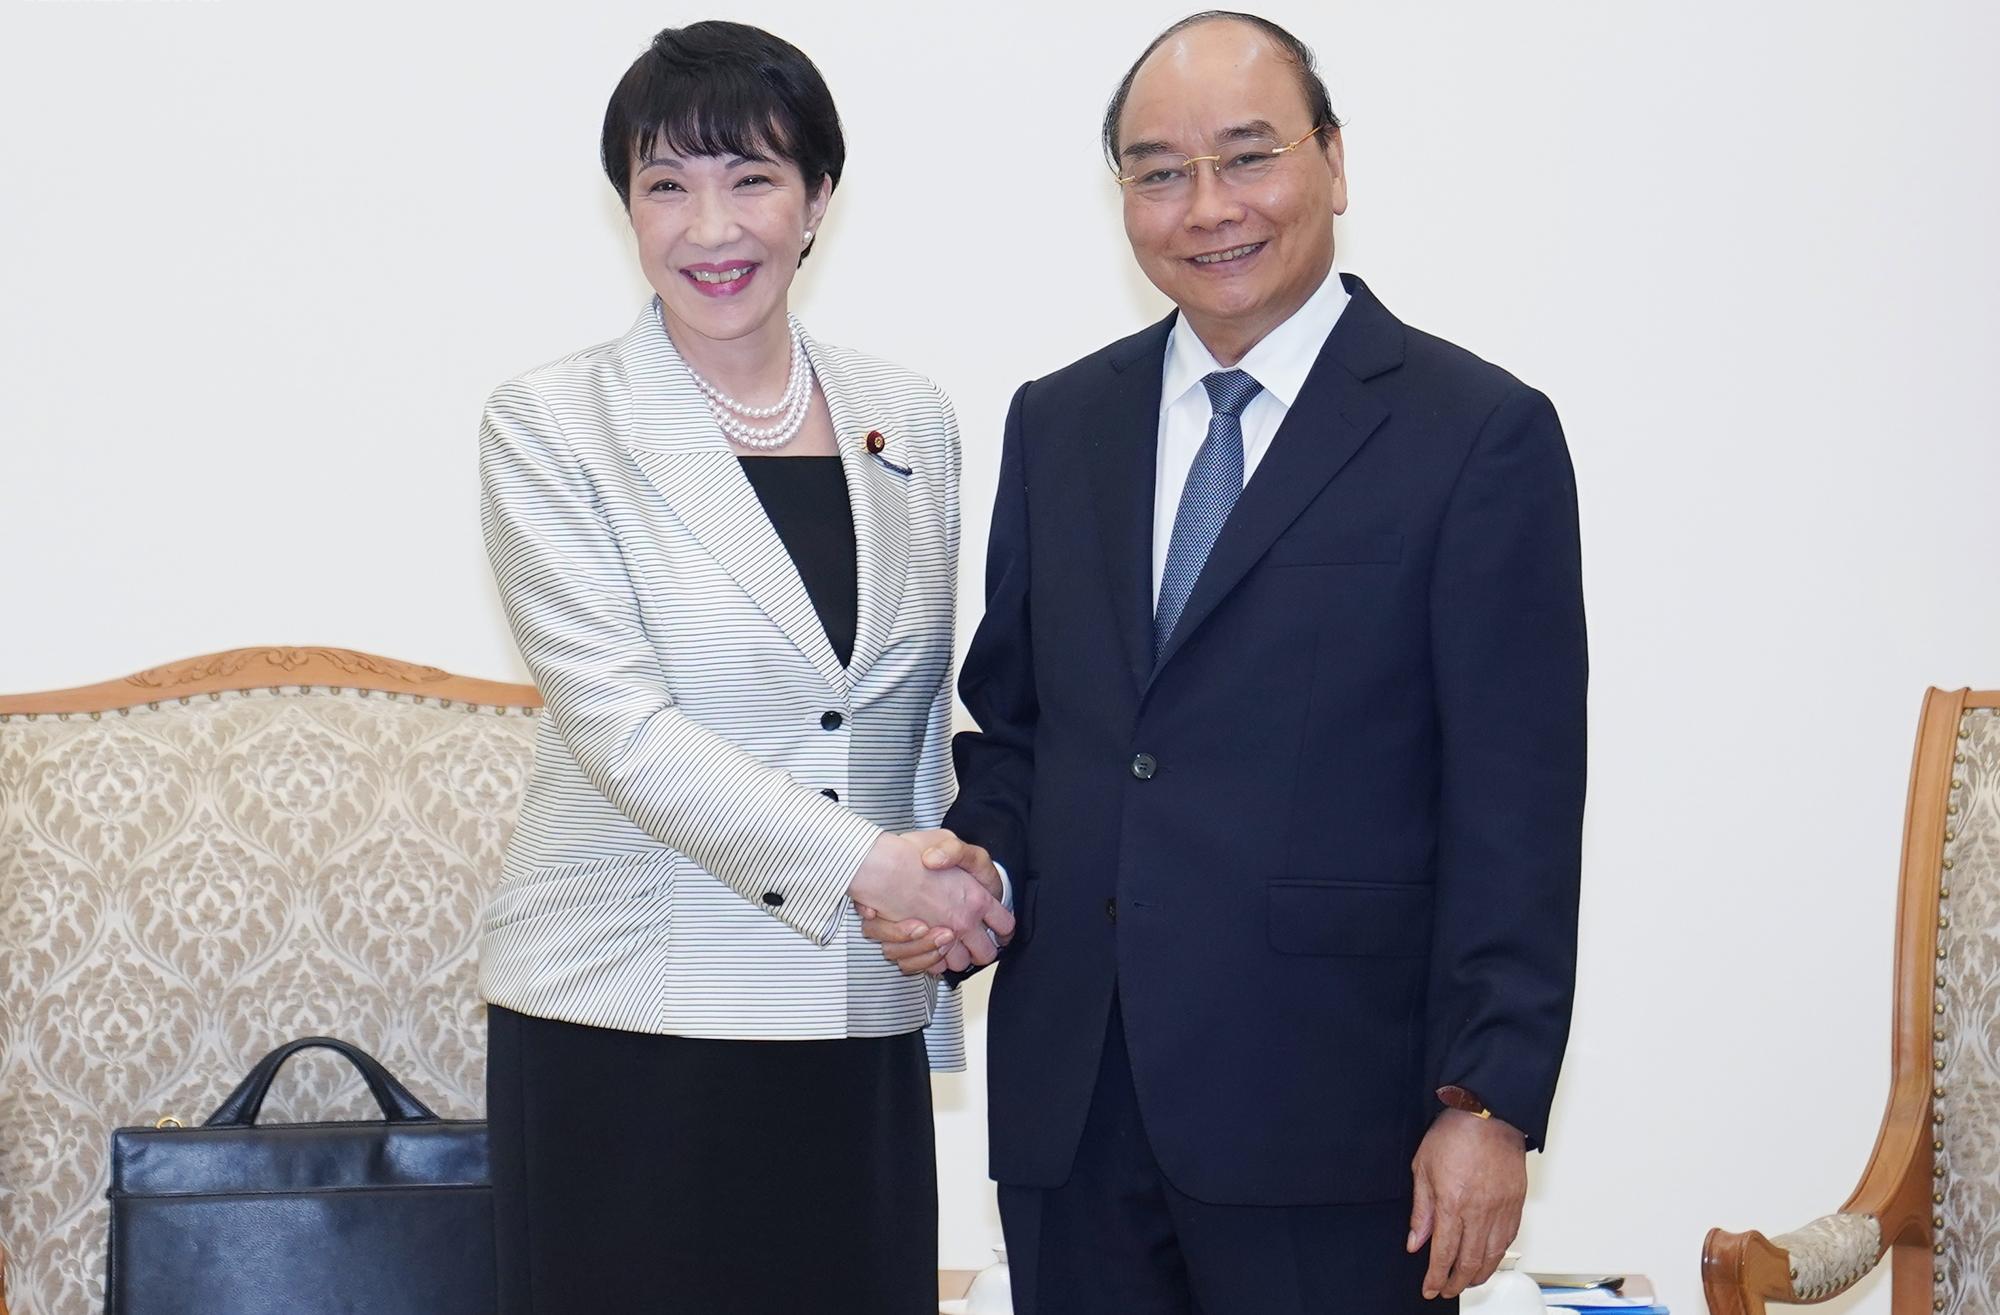 Quan hệ Việt Nam-Nhật Bản đang trong giai đoạn phát triển tốt đẹp, toàn diện